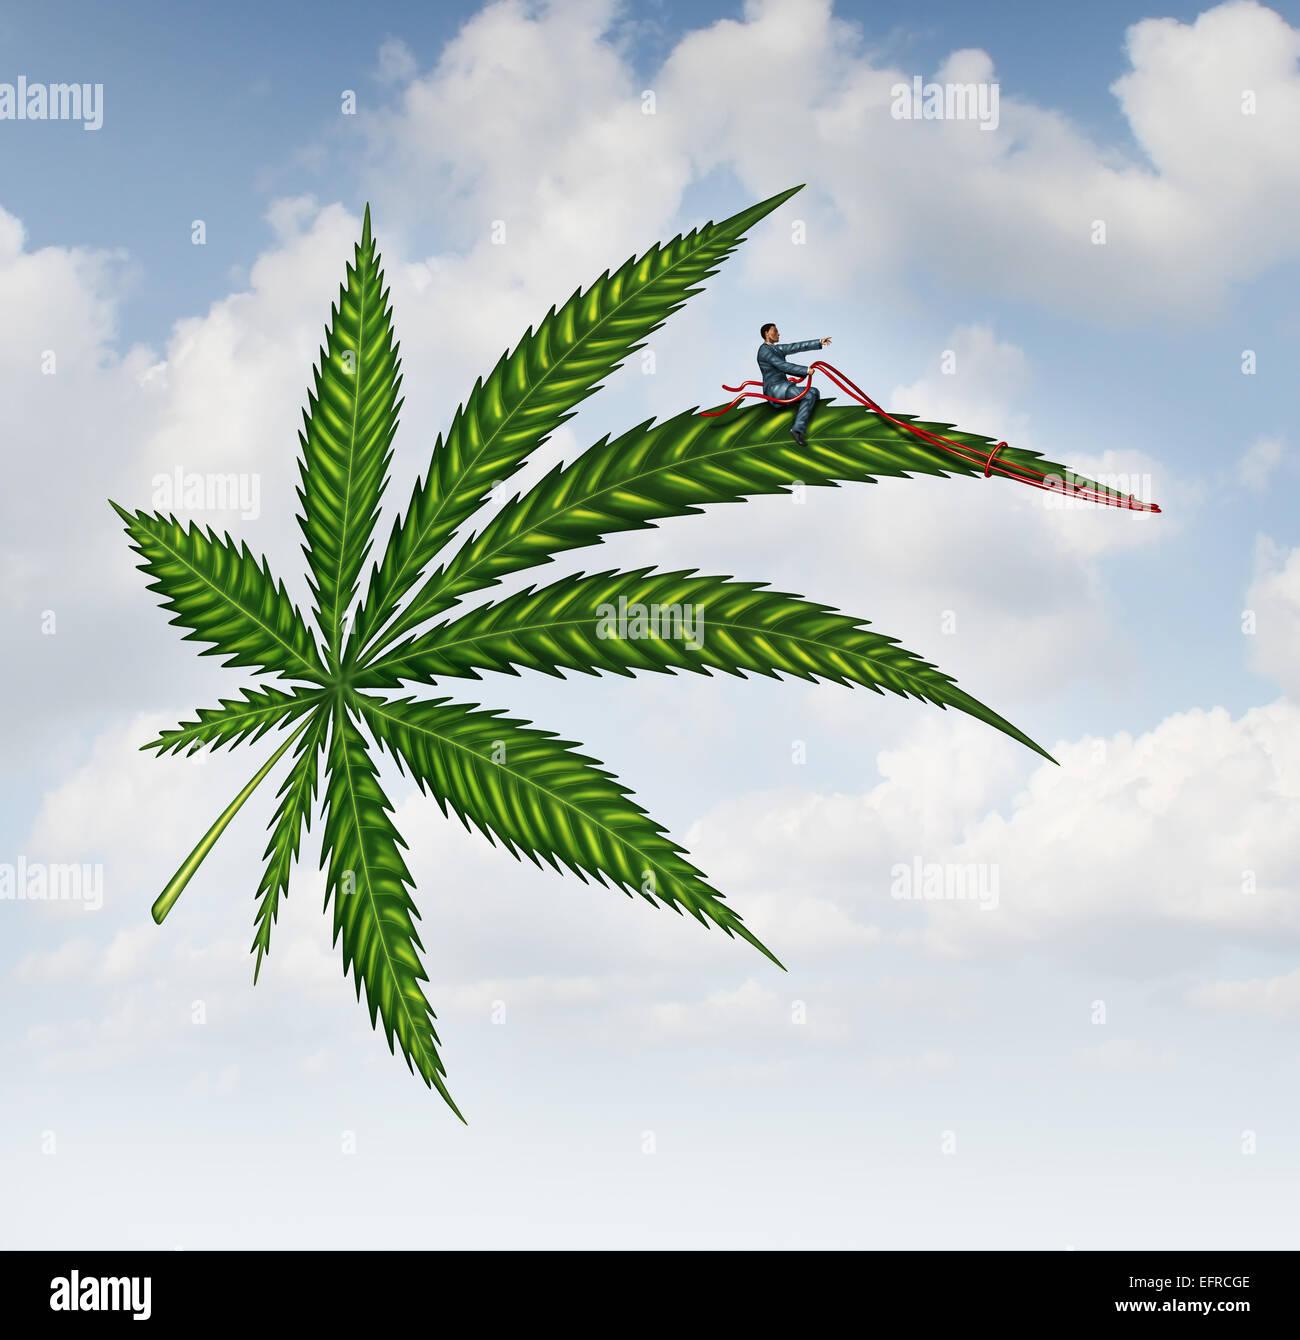 Concetto di marijuana e cannabis leaf volare alto con una persona che guida il pianta medicinale come un simbolo Immagini Stock